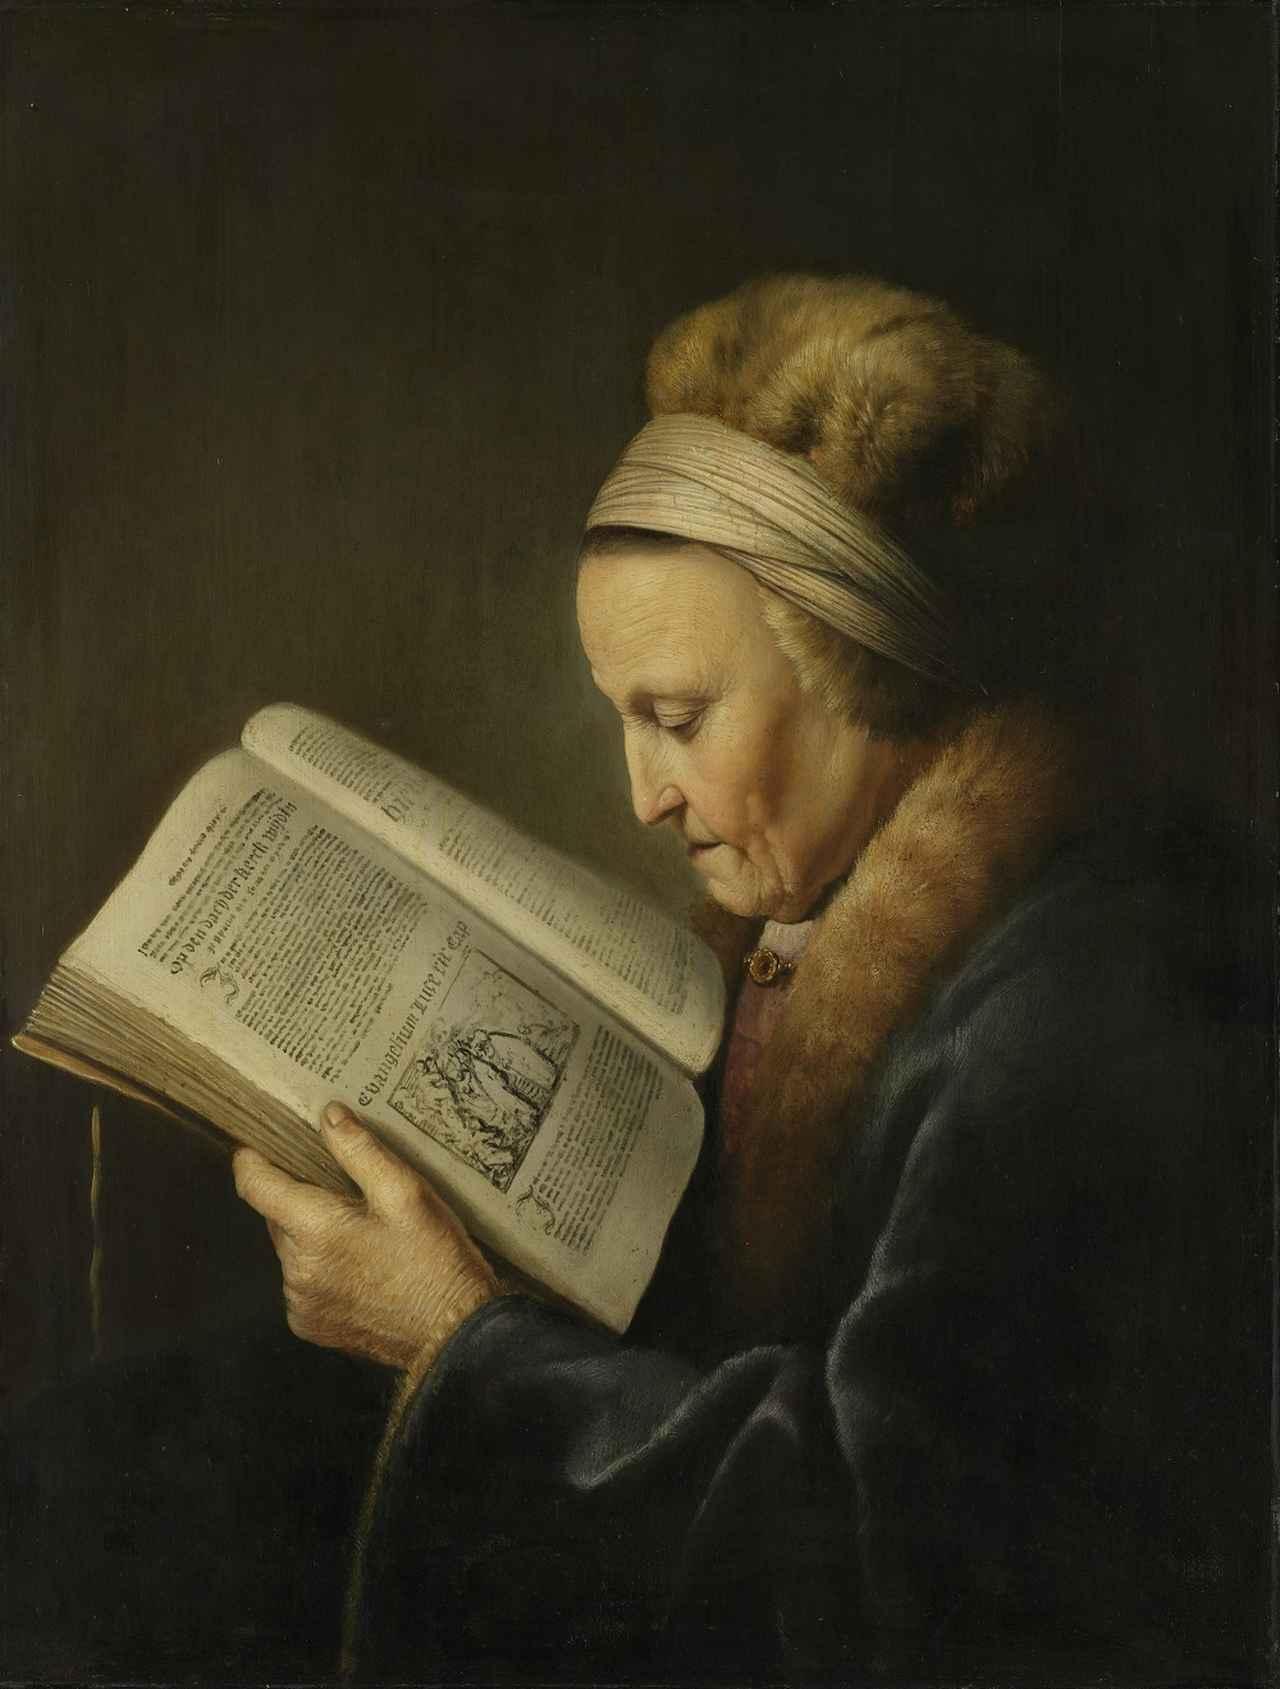 画像: ヘラルト・ダウ《本を読む老女》1631-1632年頃 アムステルダム国立美術館 Rijksmuseum. A.H. Hoekwater Bequest, The Hague, 1912